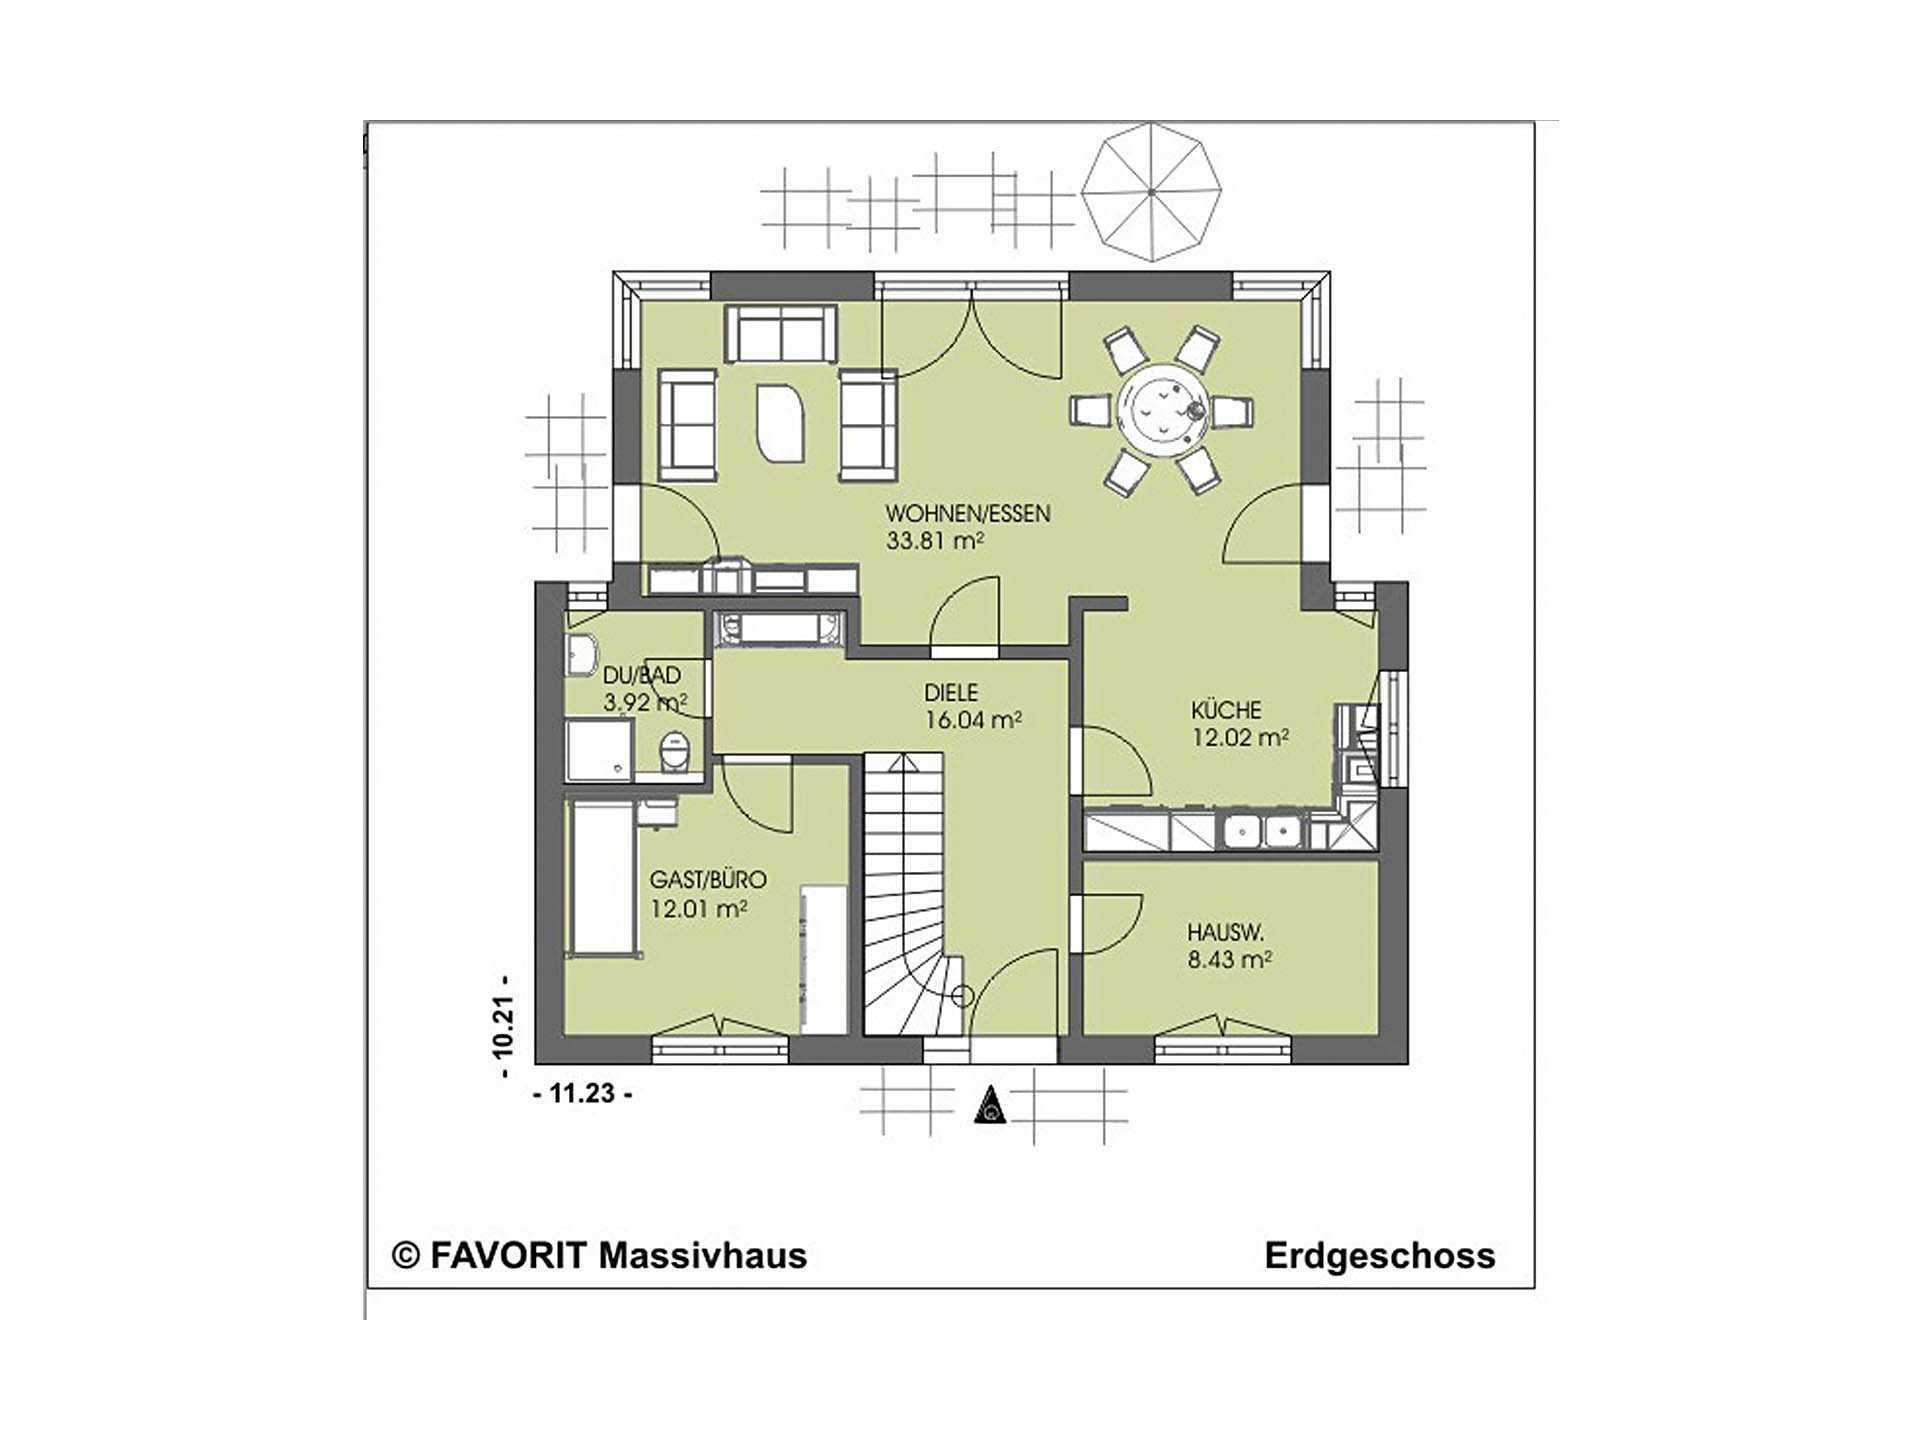 kreativ sun 156 favorit massivhaus. Black Bedroom Furniture Sets. Home Design Ideas